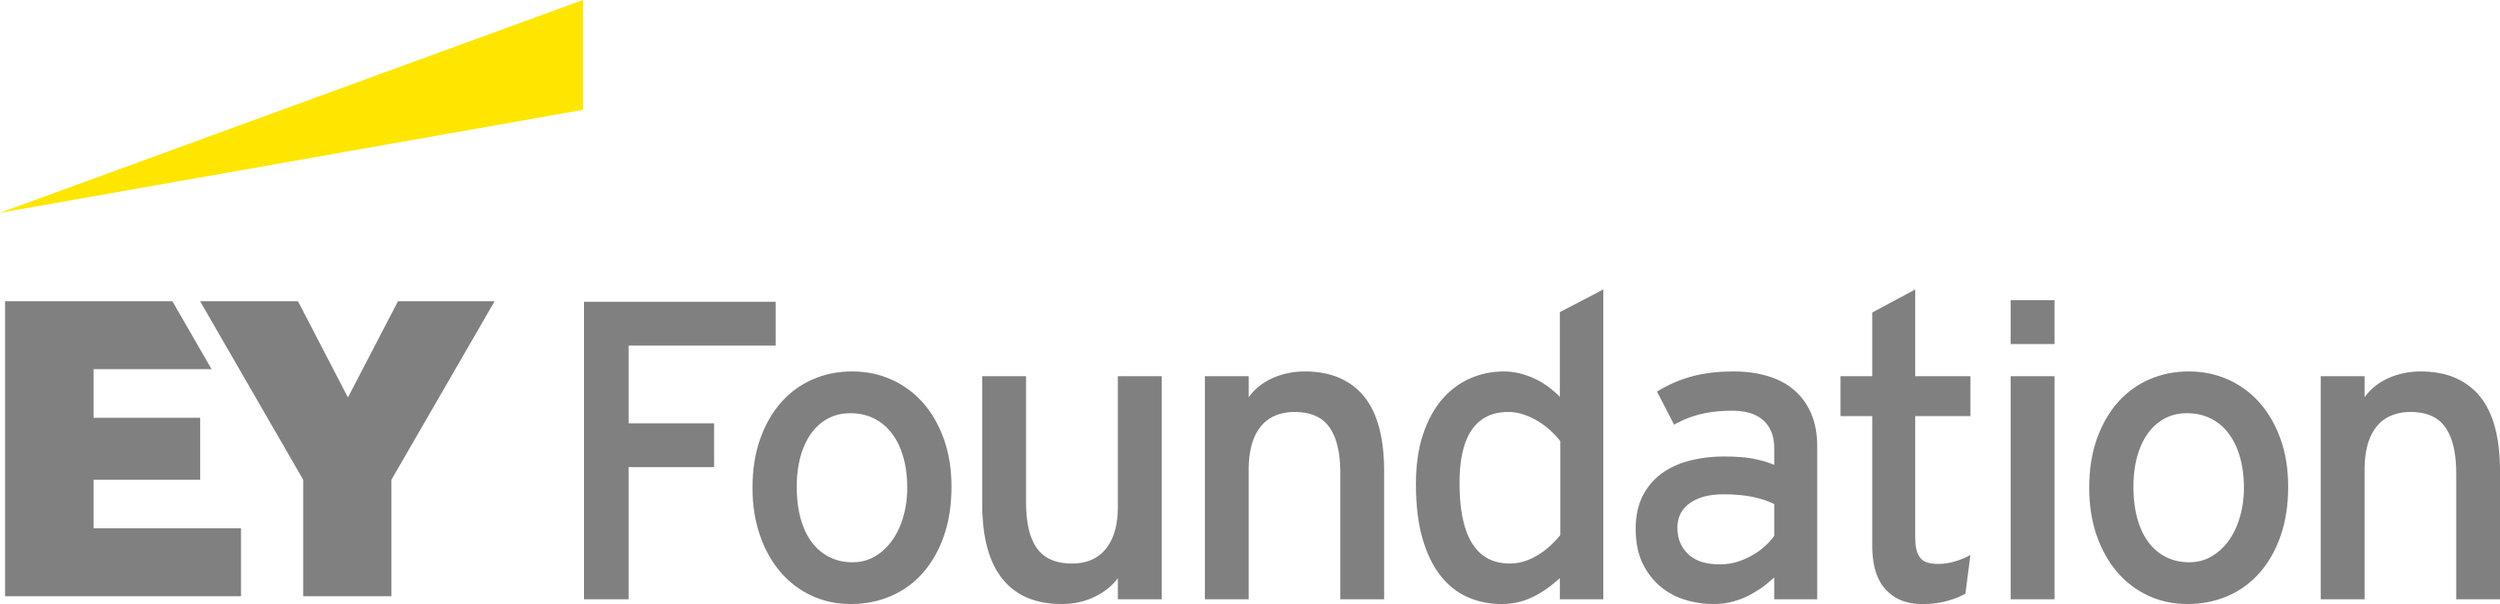 ey foundation.jpg